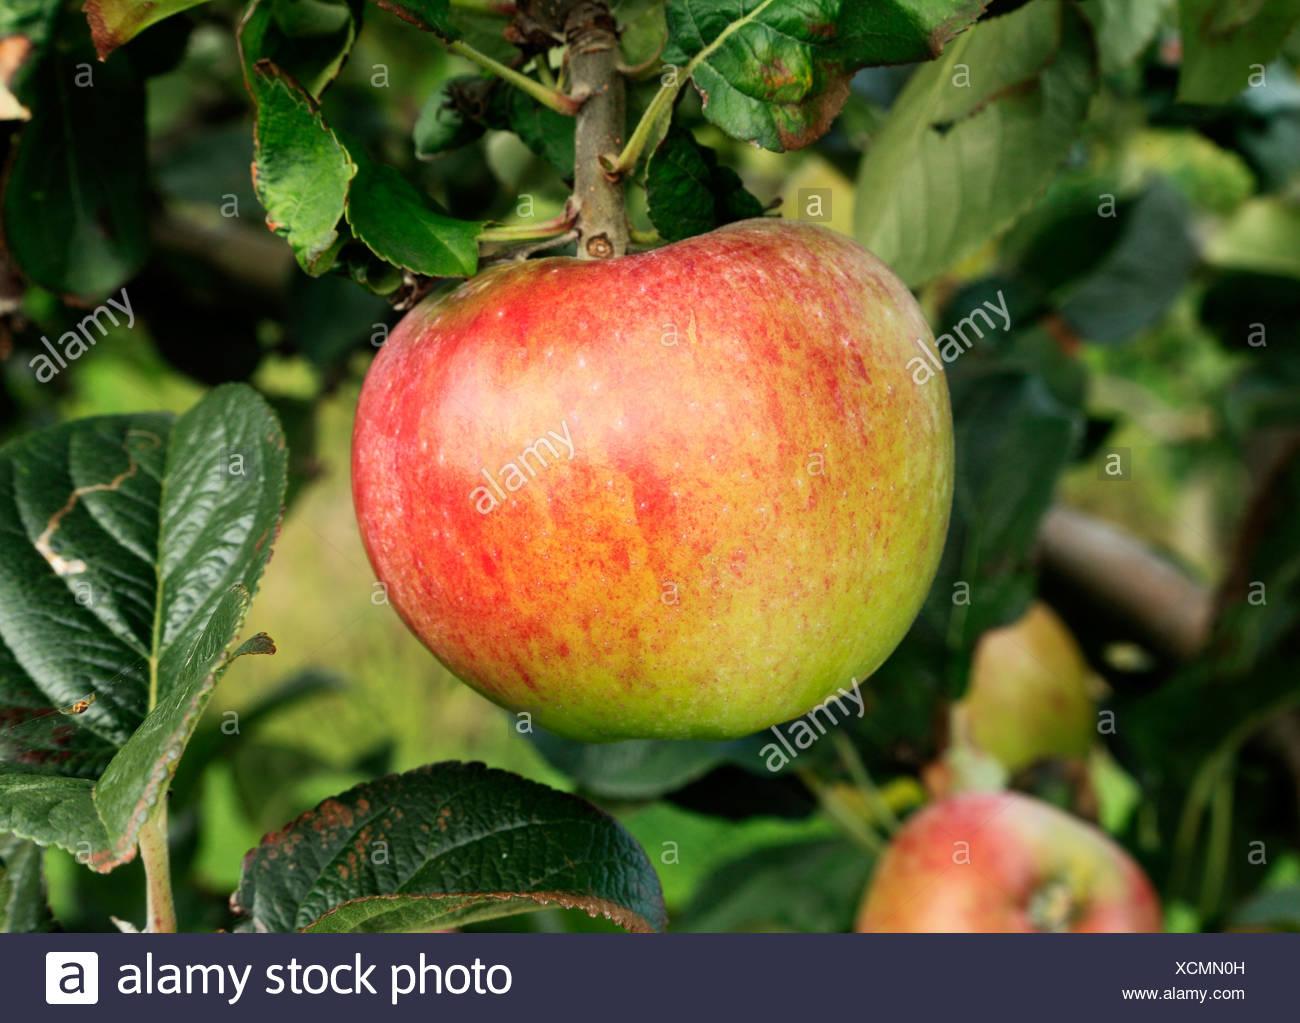 Apple 'Howgate Wonder',   malus domestica apples variety varieties growing on tree - Stock Image